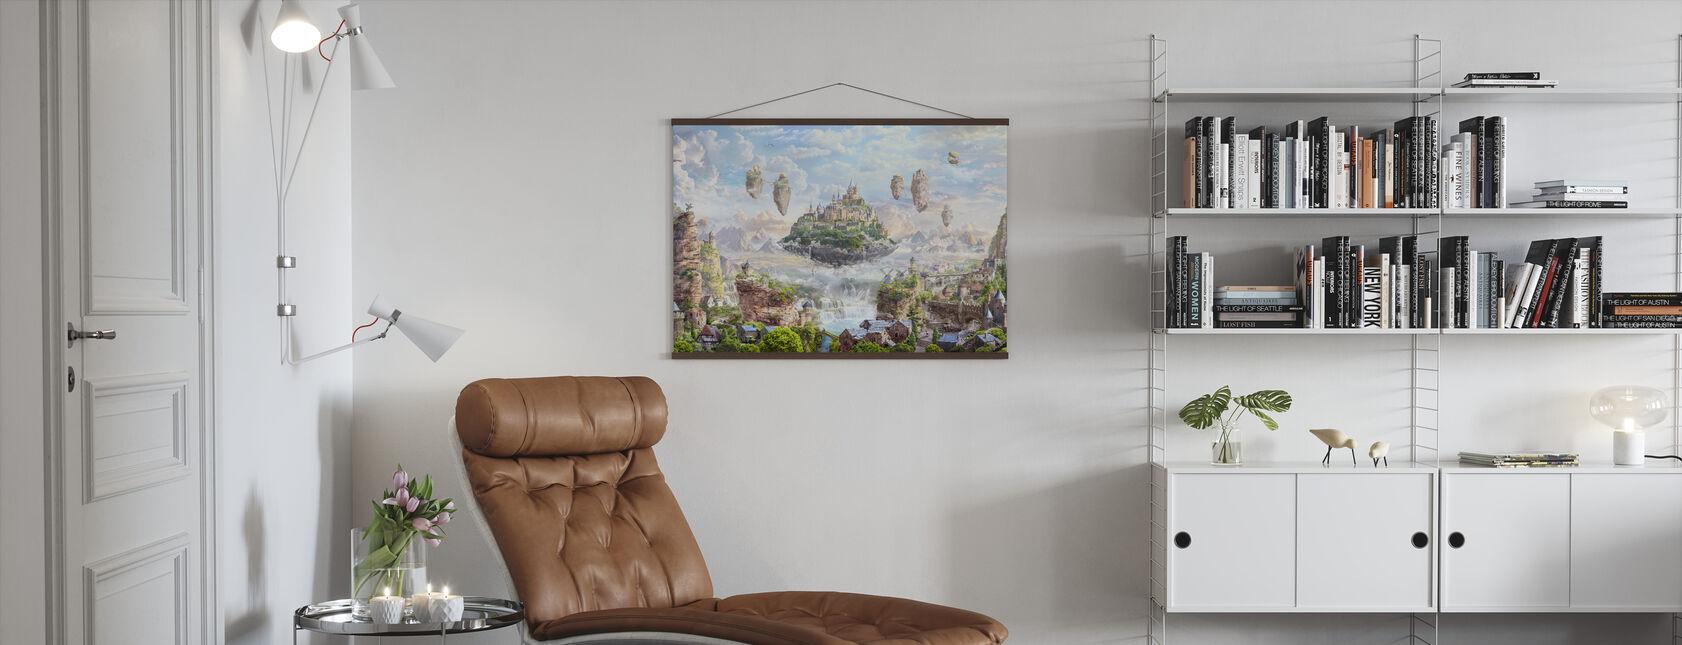 Himmelsschloss - Poster - Wohnzimmer